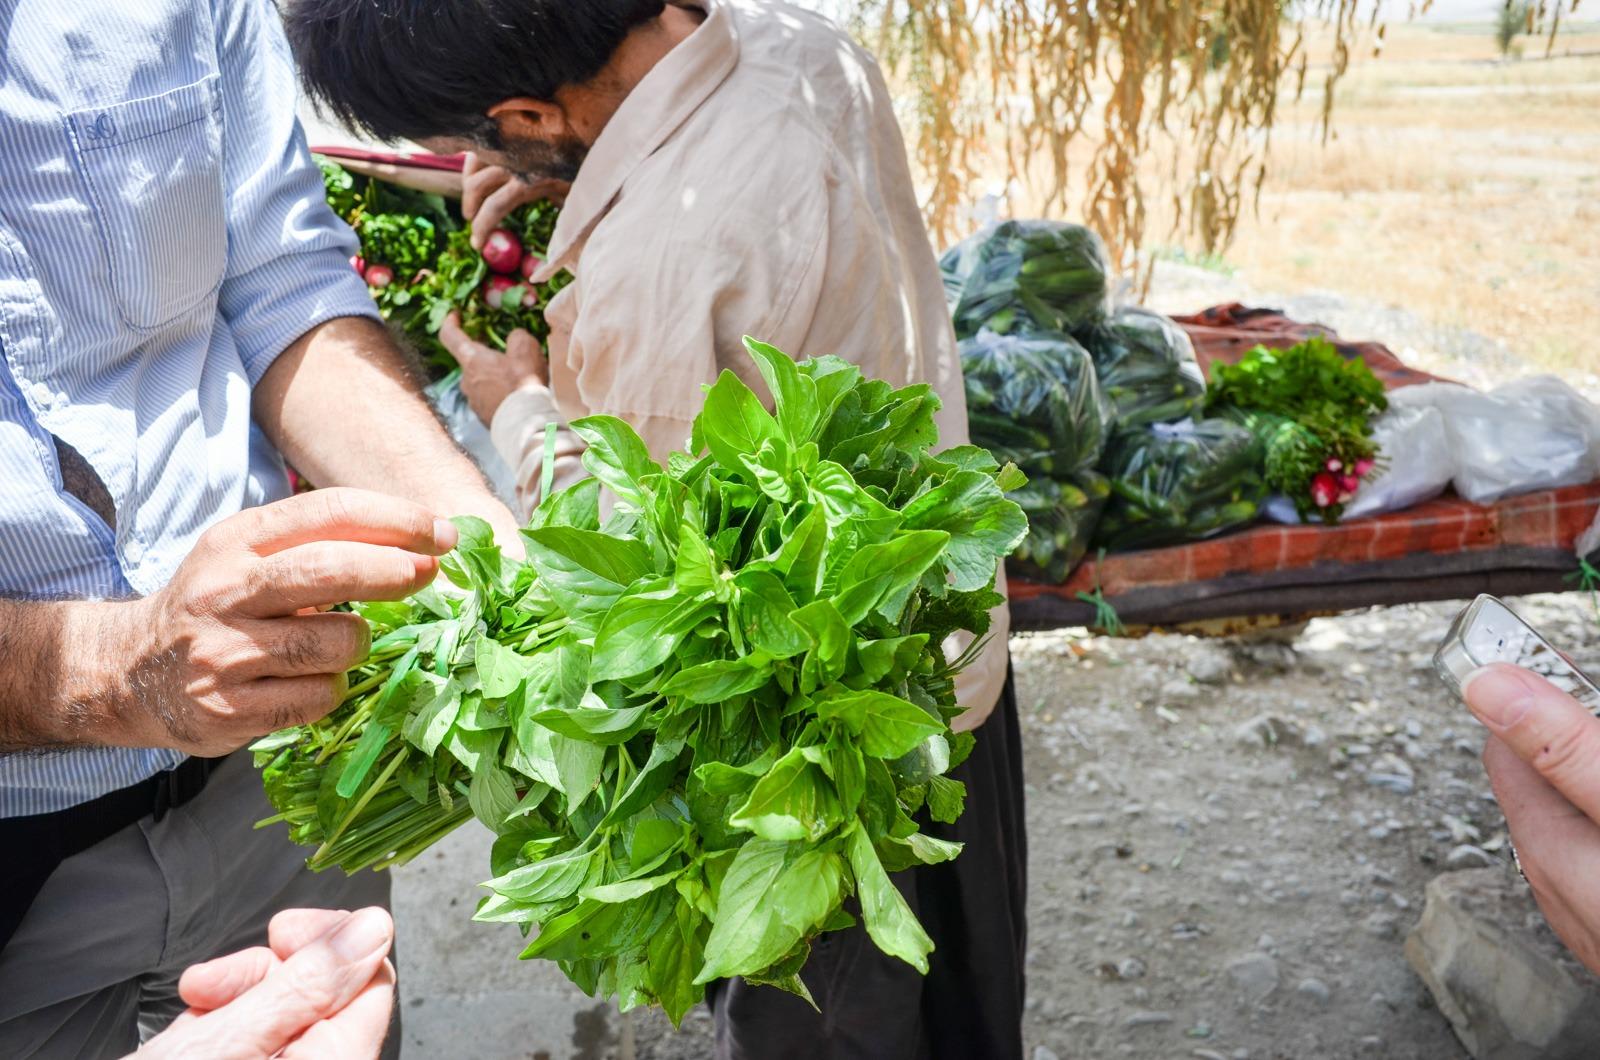 Persischer Salat im Iran